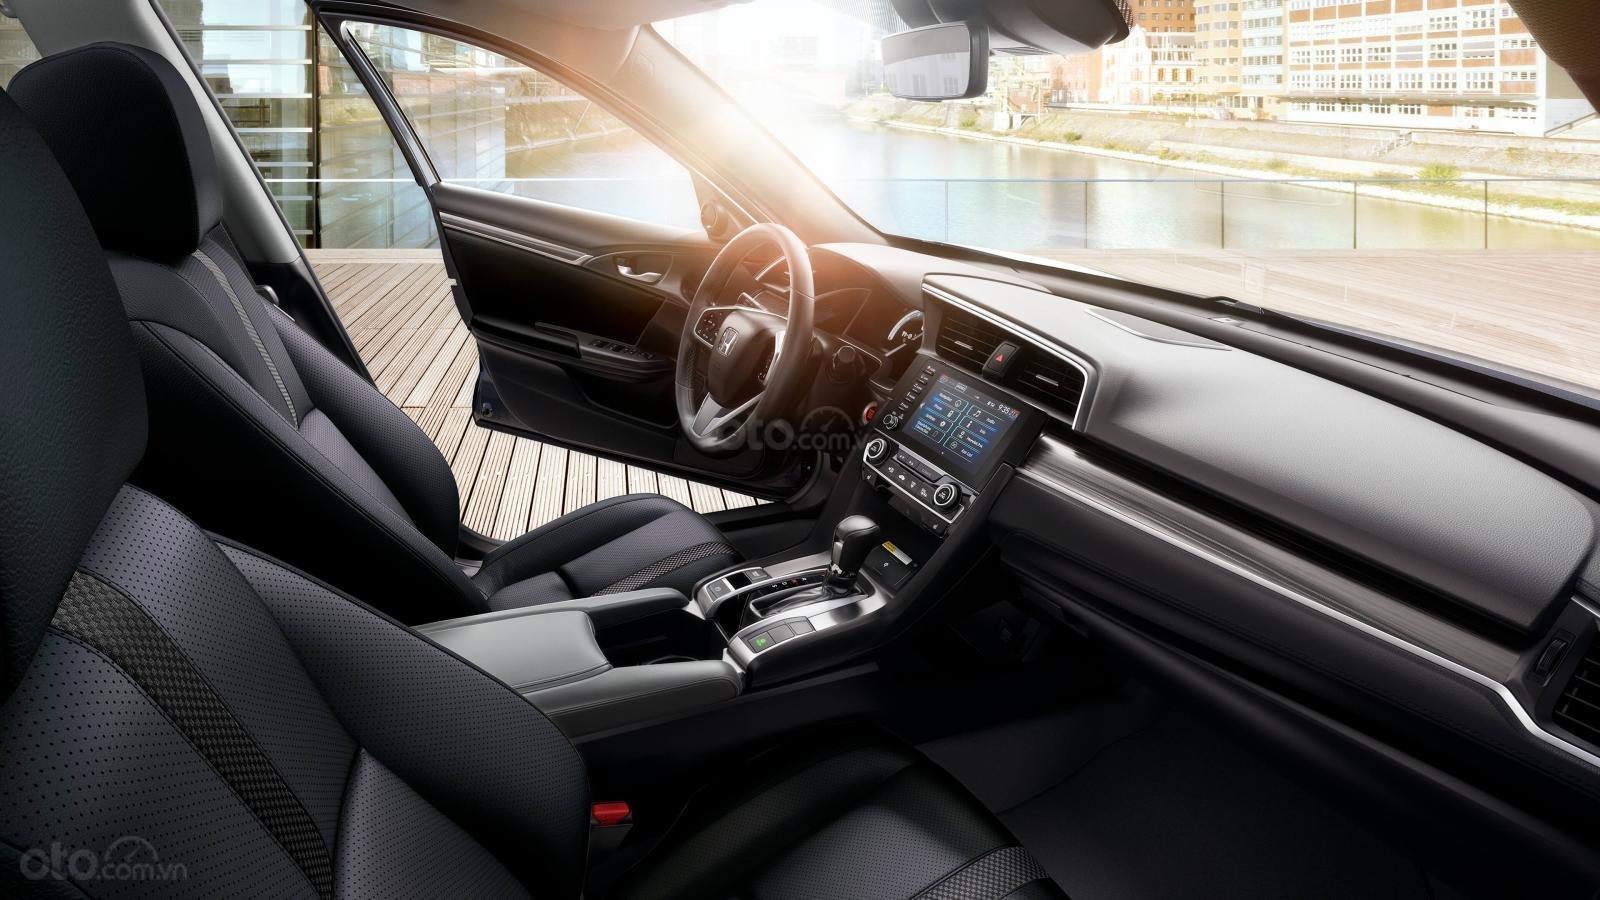 [SG] Honda Civic 2019 thể thao, cá tính, xe giao liền, SĐT 0901.898.383 - Hỗ trợ tốt nhất Sài Gòn - Giá tốt-5